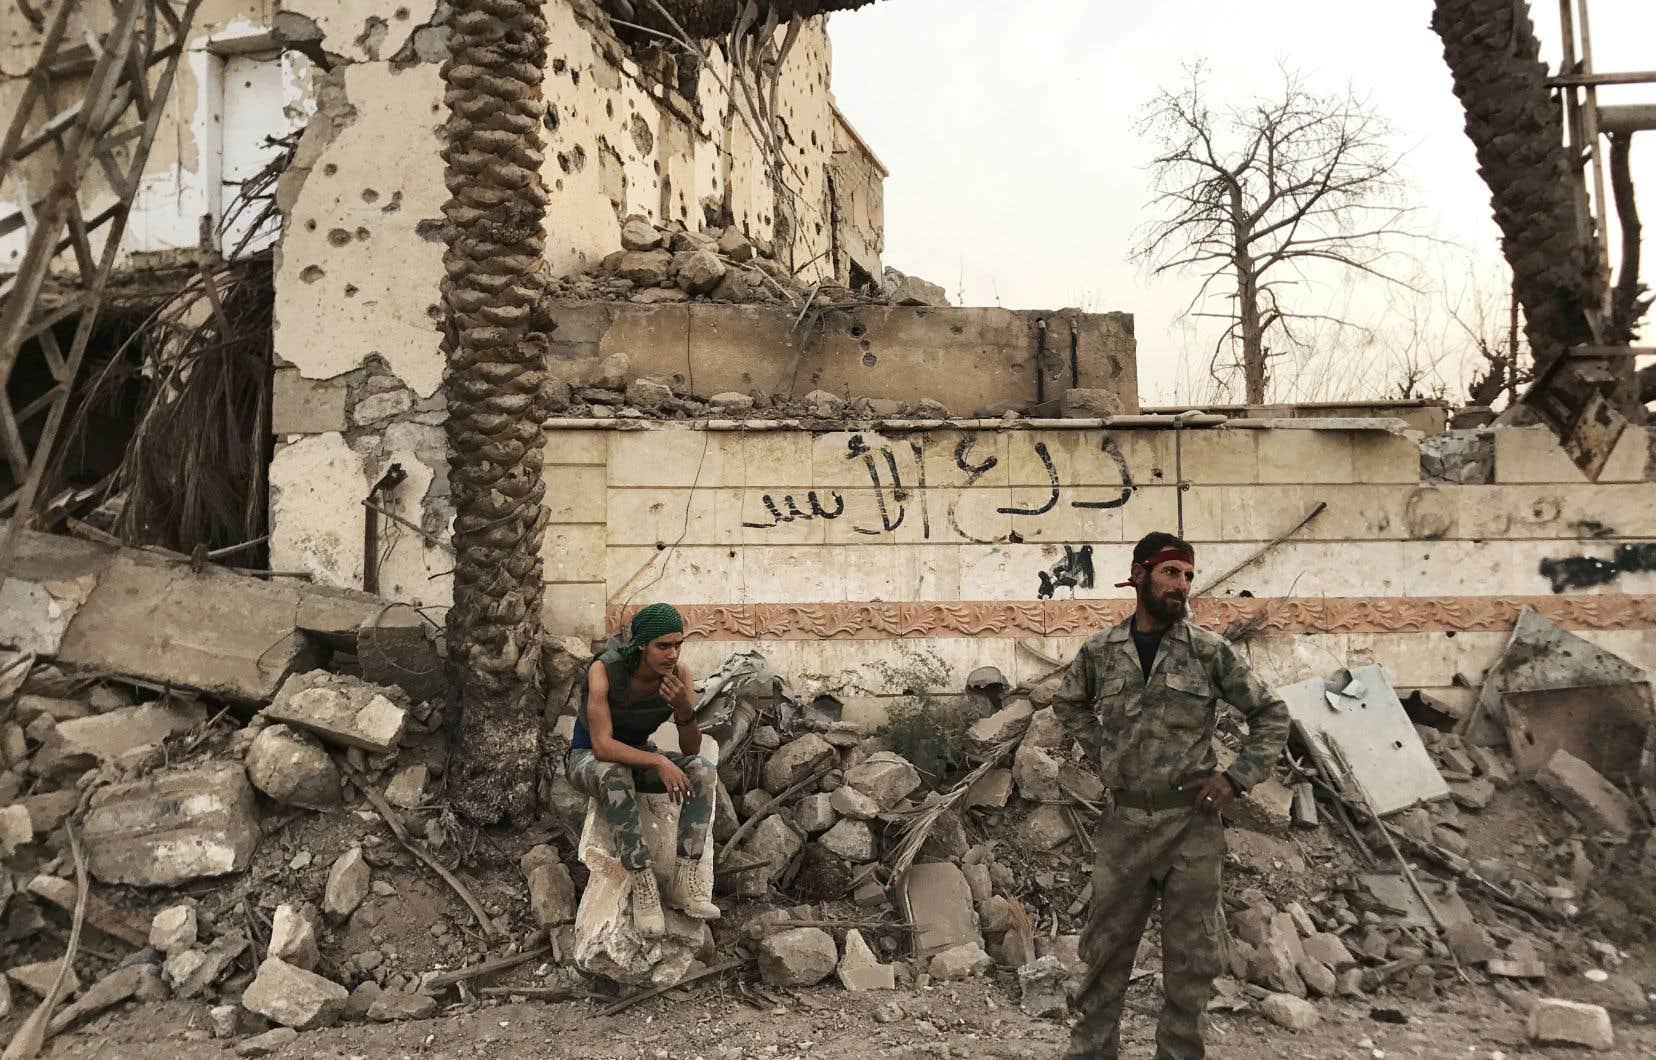 Un soldat du régime syrien monte la garde dans une ville du nord-est de la province de Deir Ezzor, non loin de la frontière irakienne.